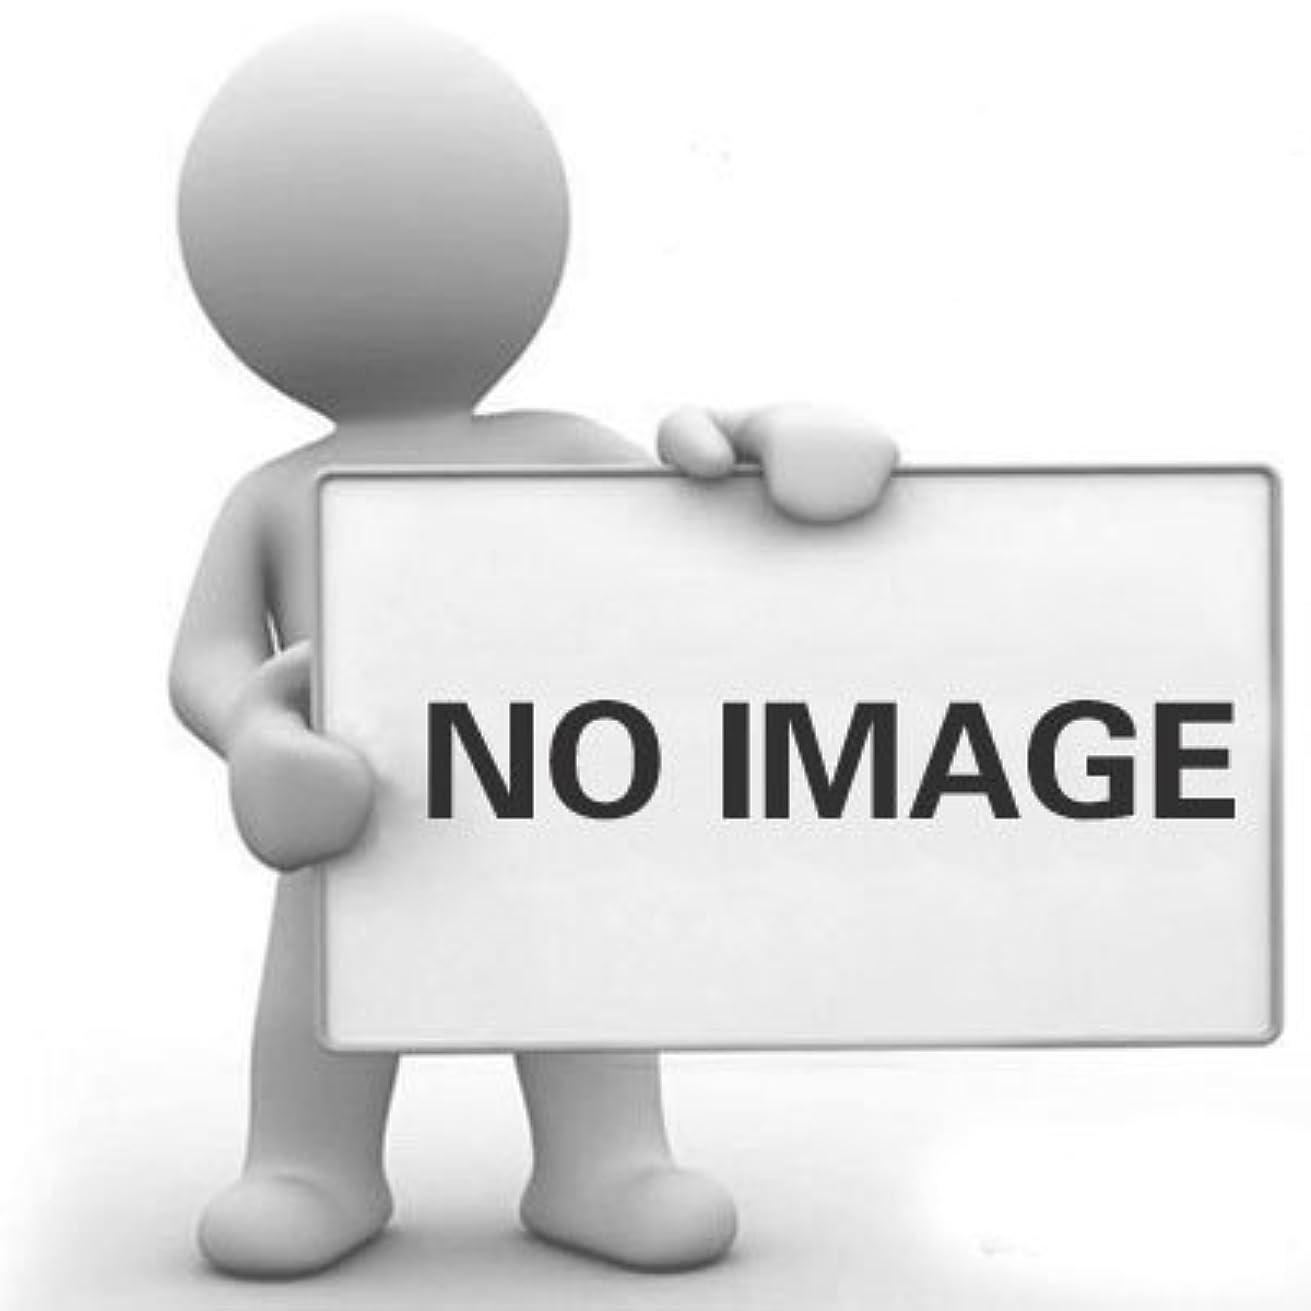 まあミルギャロップDYNWAVE ネイルアート ネイルドリルビット マニキュア 研磨ヘッド ドリルビットセット 4本セット